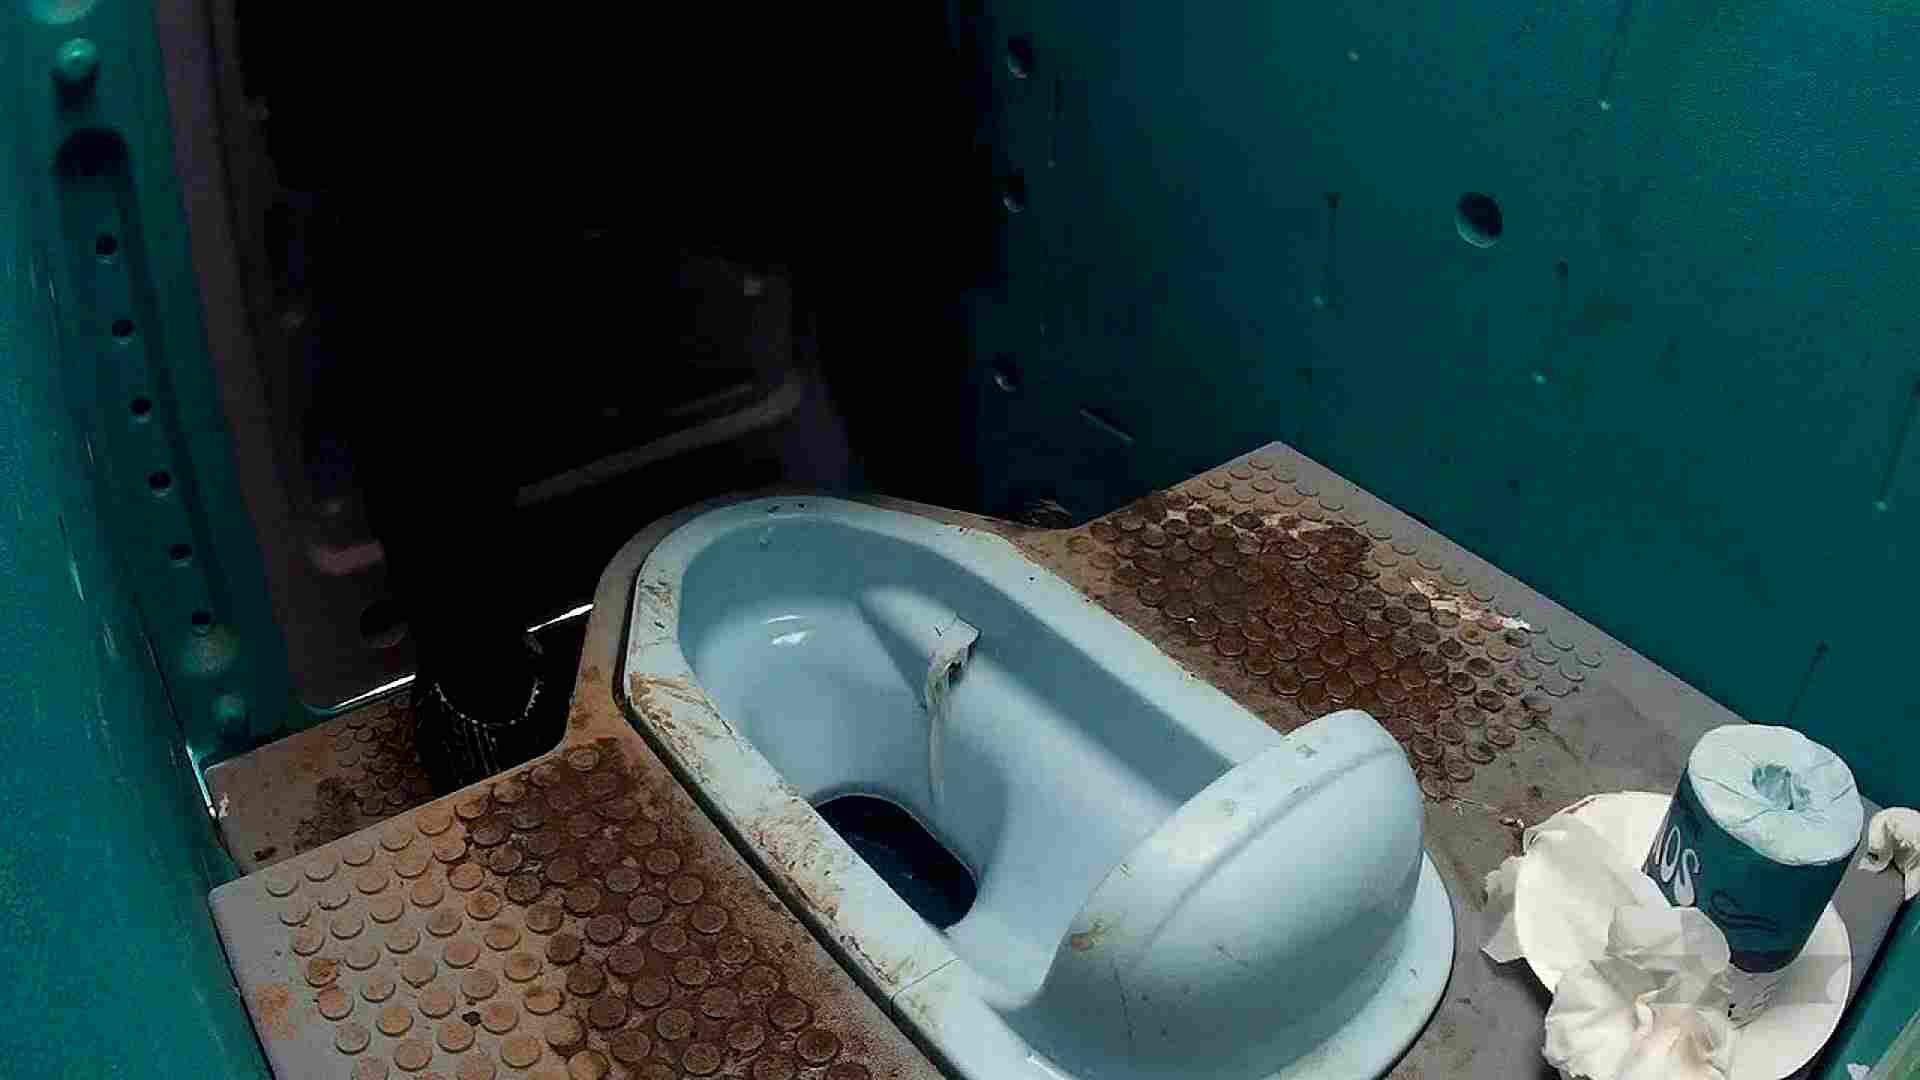 痴態洗面所 Vol.06 中が「マジヤバいヨネ!」洗面所 洗面所着替え | OL  100連発 82